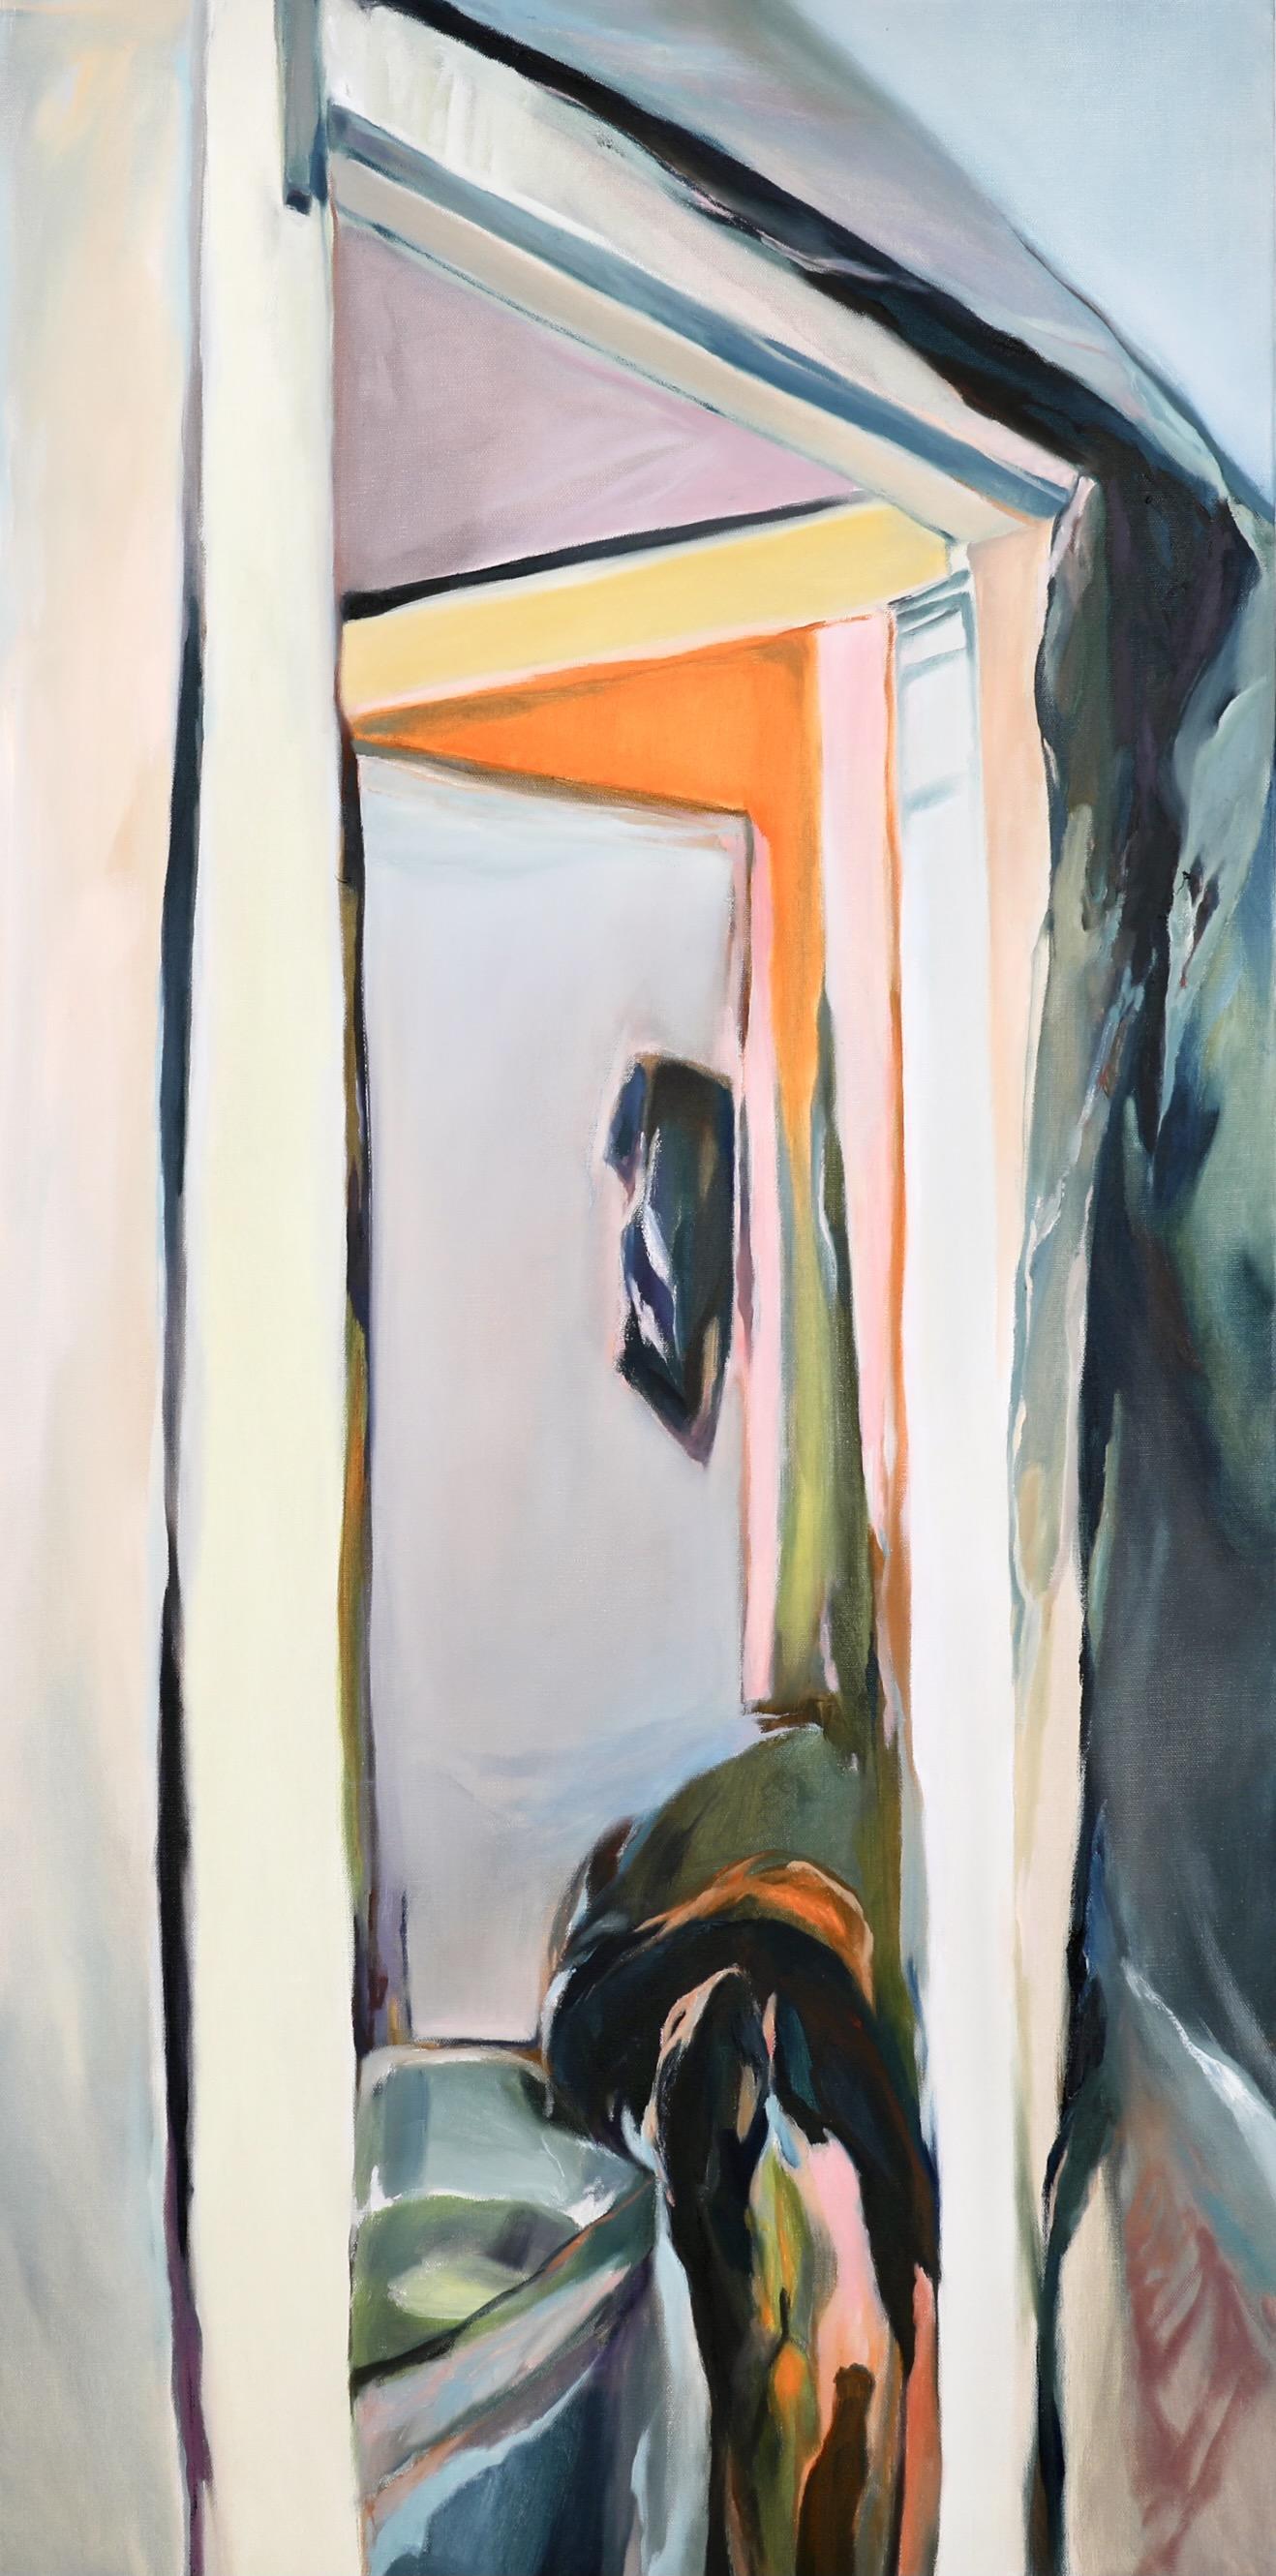 Chenxi Gao, Curiosity, Oil on Canvas, February 2021, 48 x 24